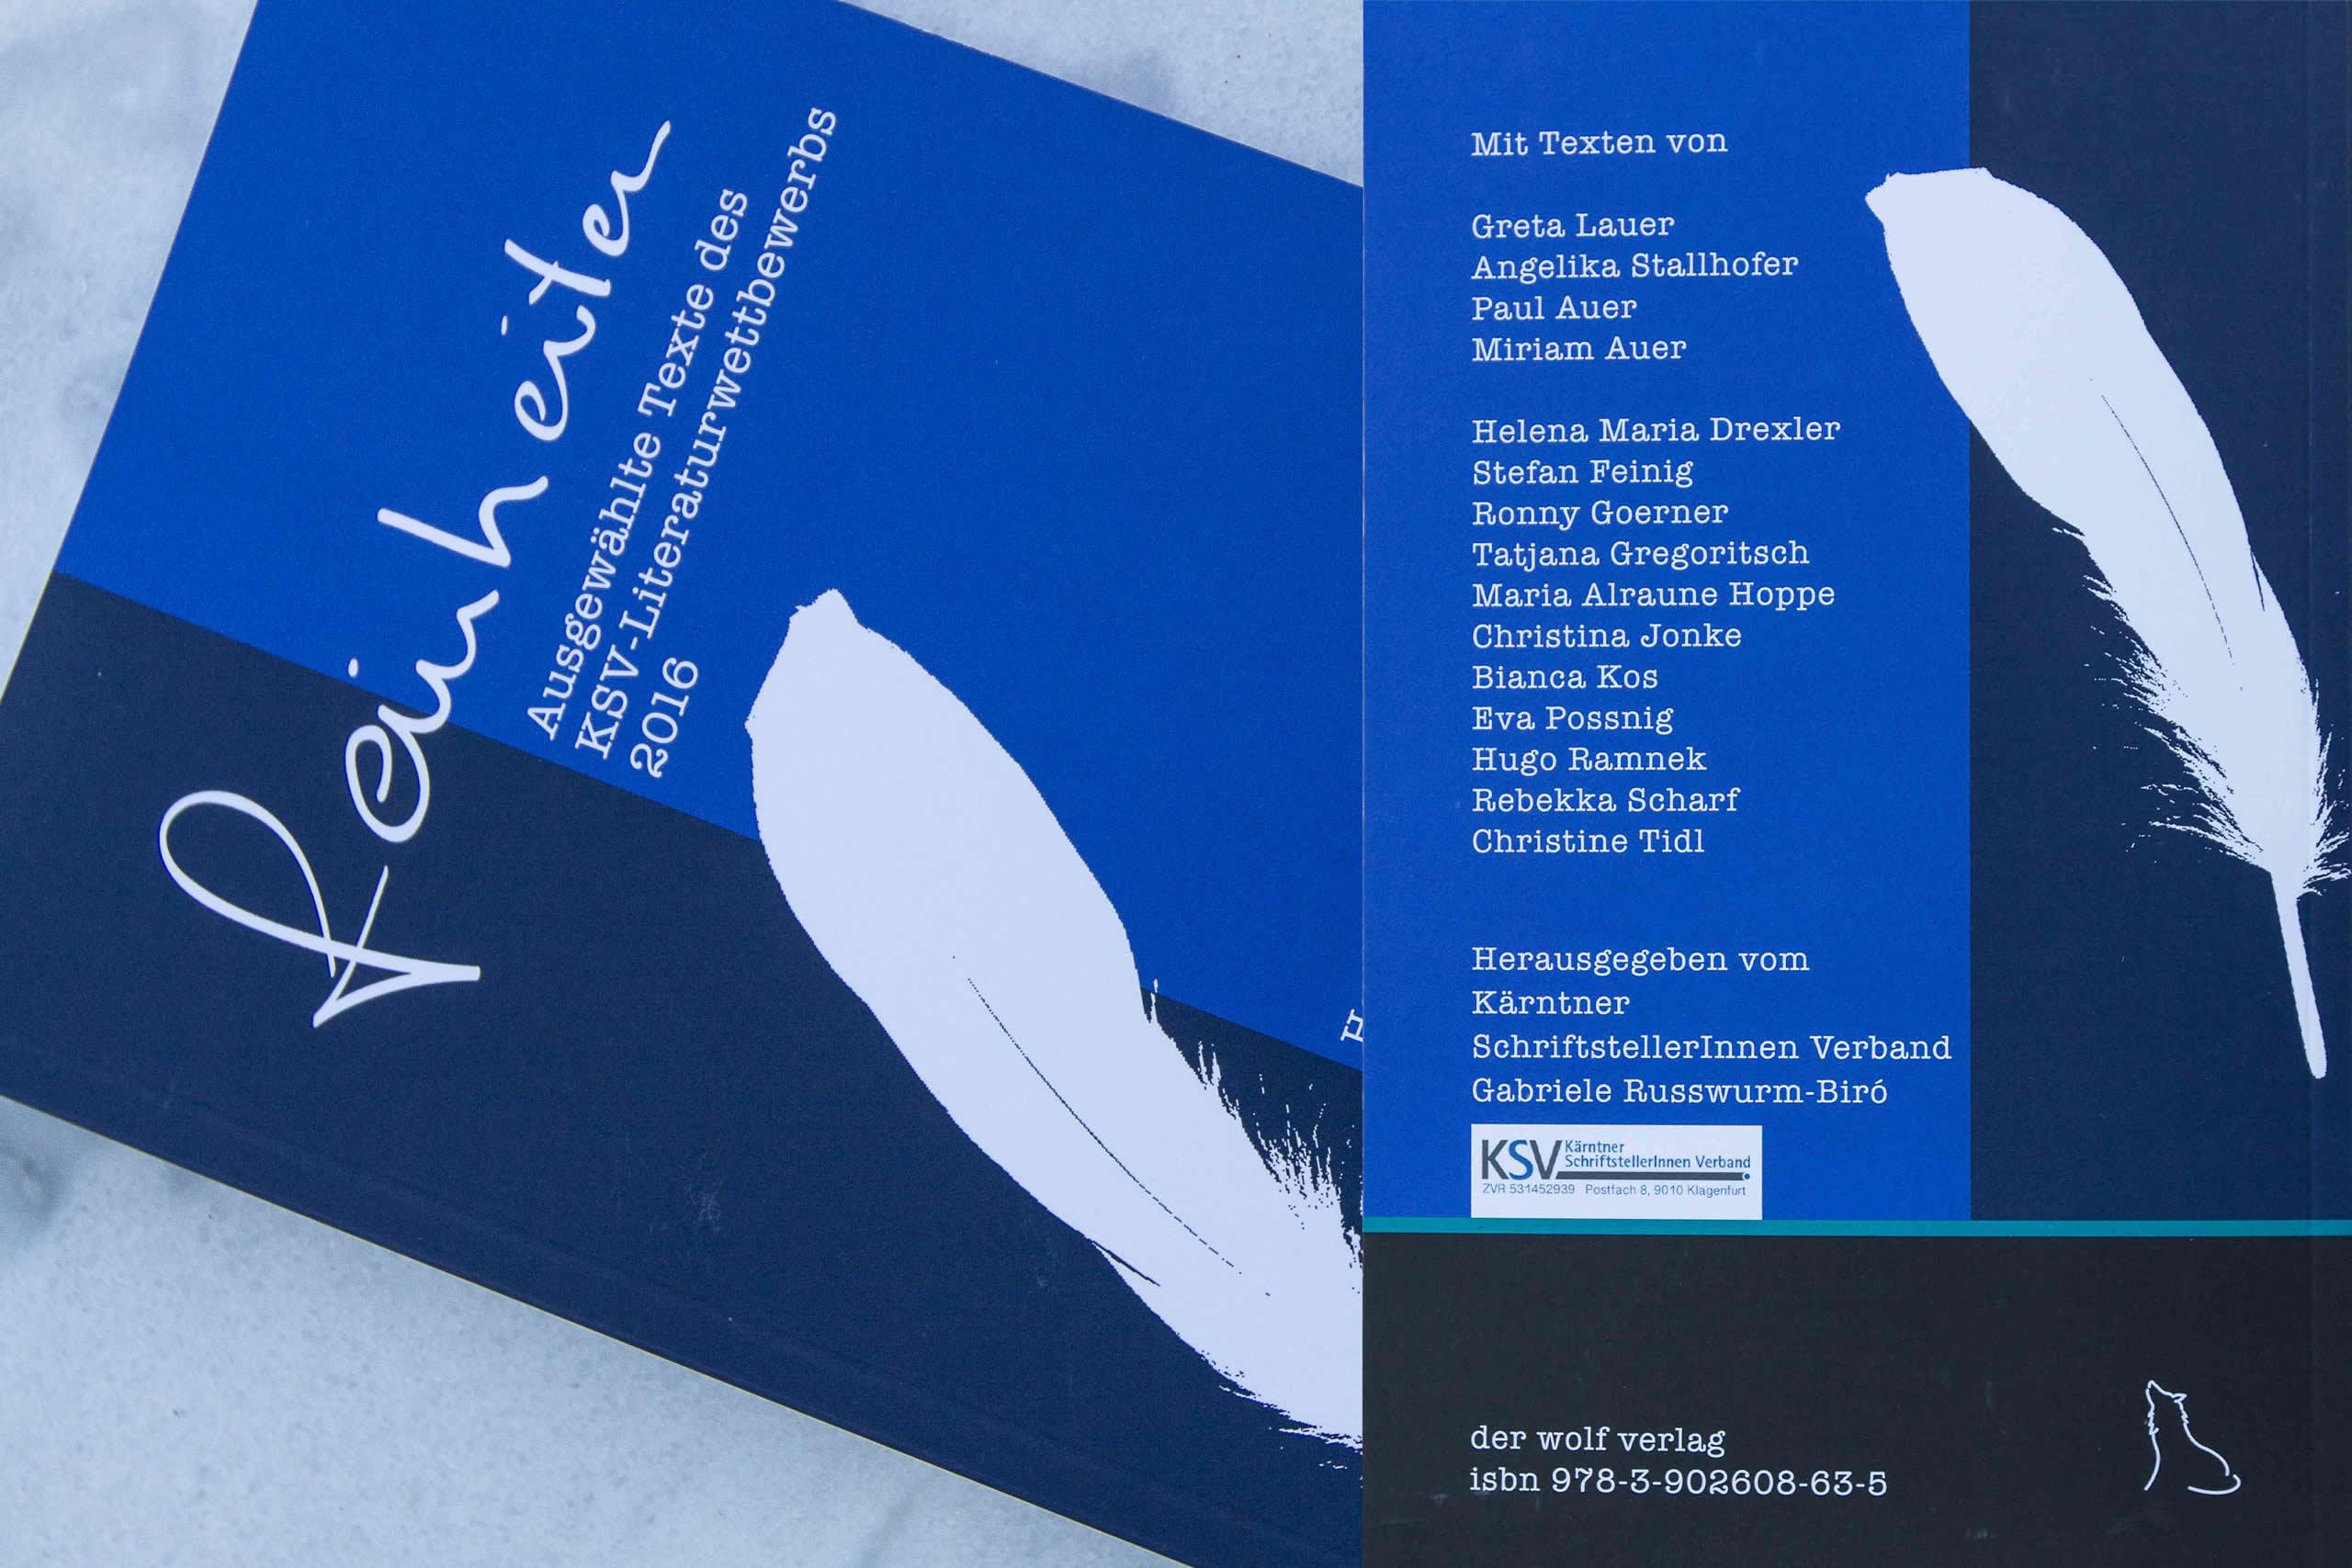 Feinheiten | Ausgewählte Texte des KSV-Literaturwettbeerbs 2016 | der wolf verlag 2017